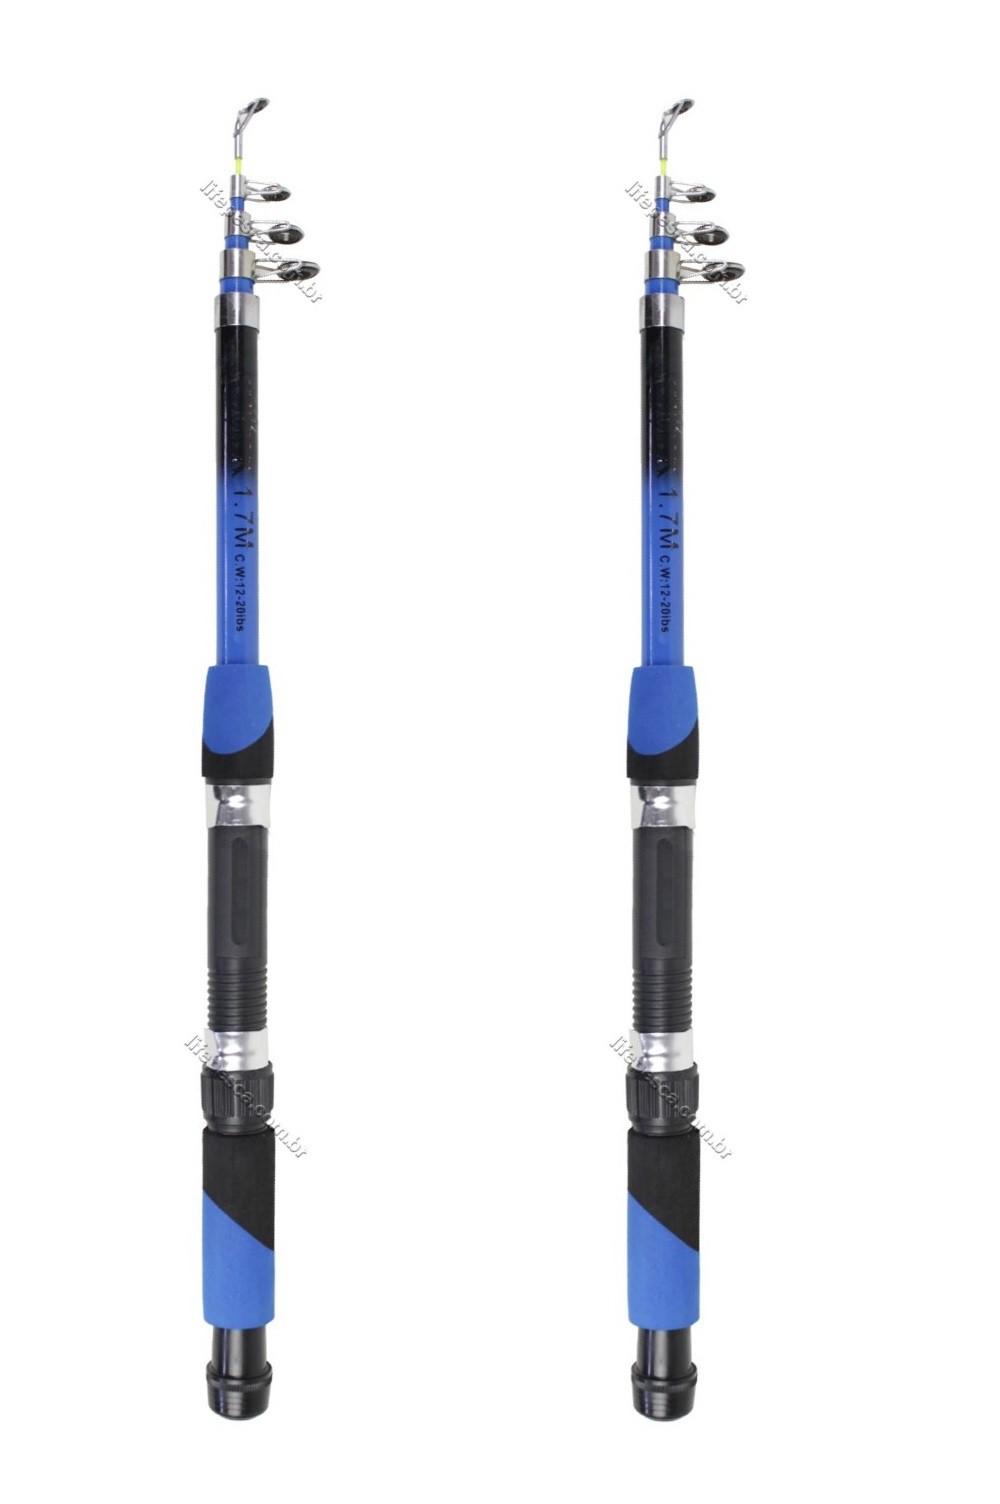 Kit 2 Varas Para Molinete Telescópica Com Passador C.W (1,60m) 12-20lbs - Varias Cores